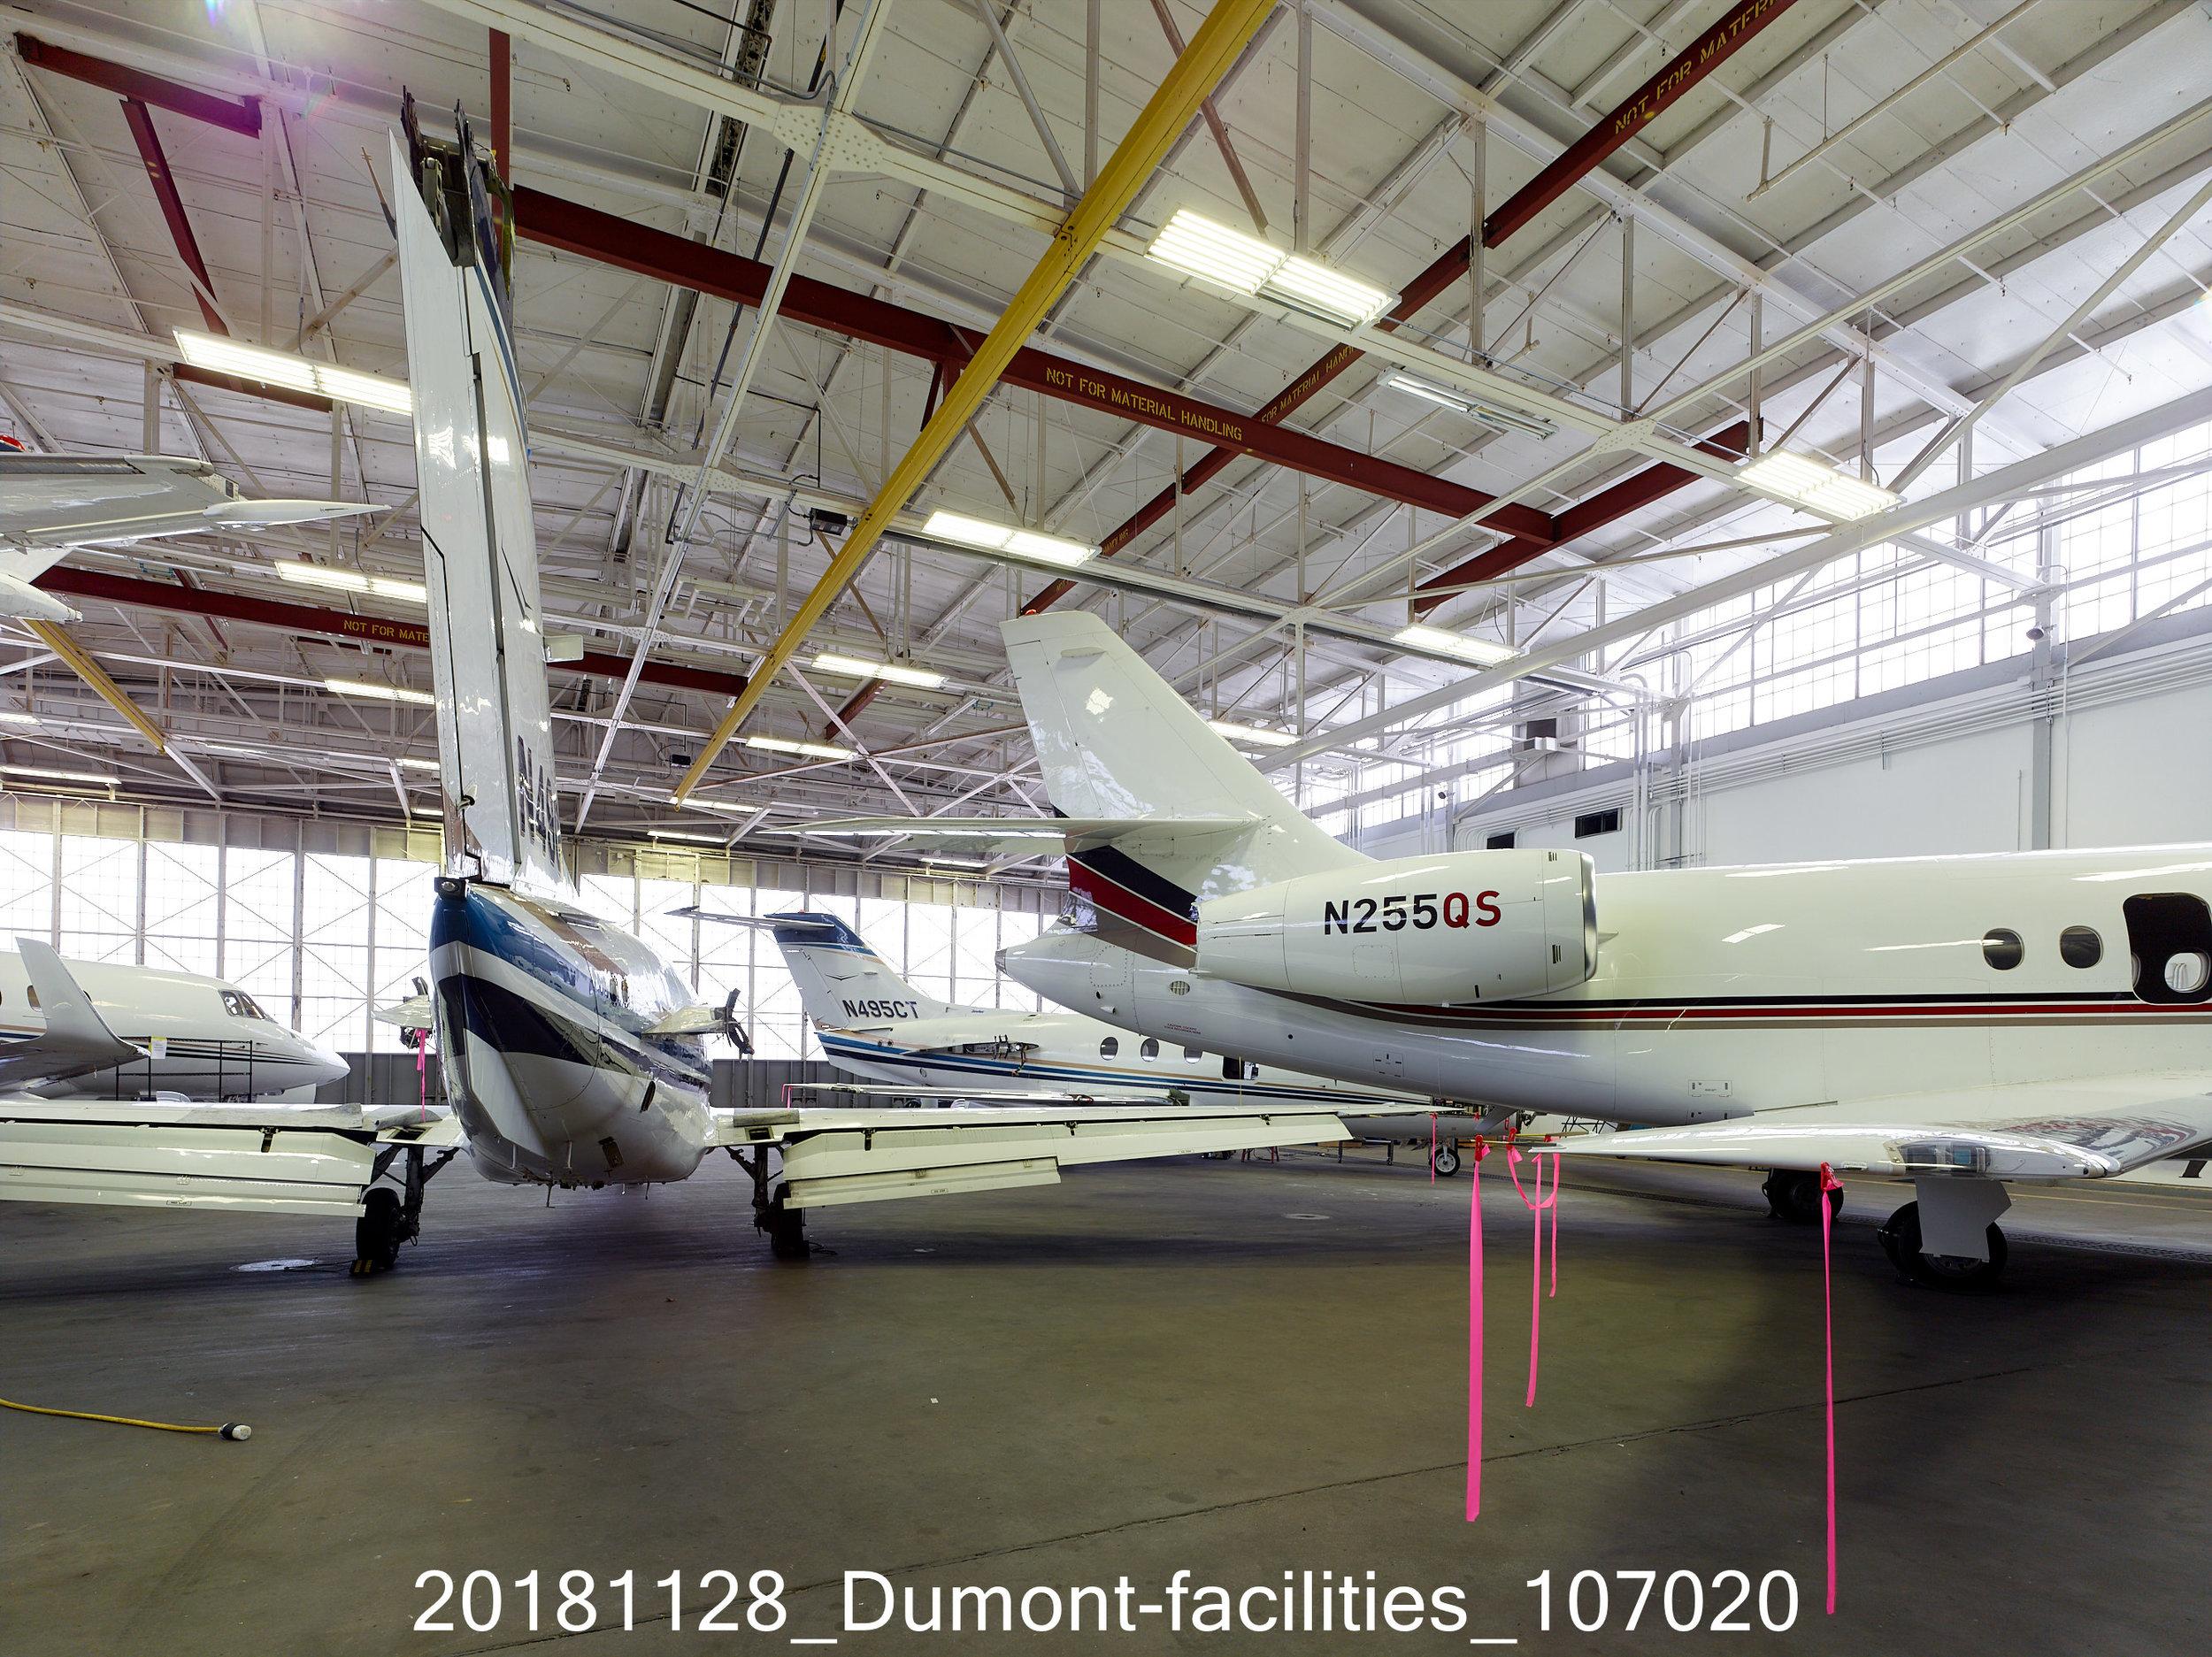 20181128_Dumont-facilities_107020.jpg